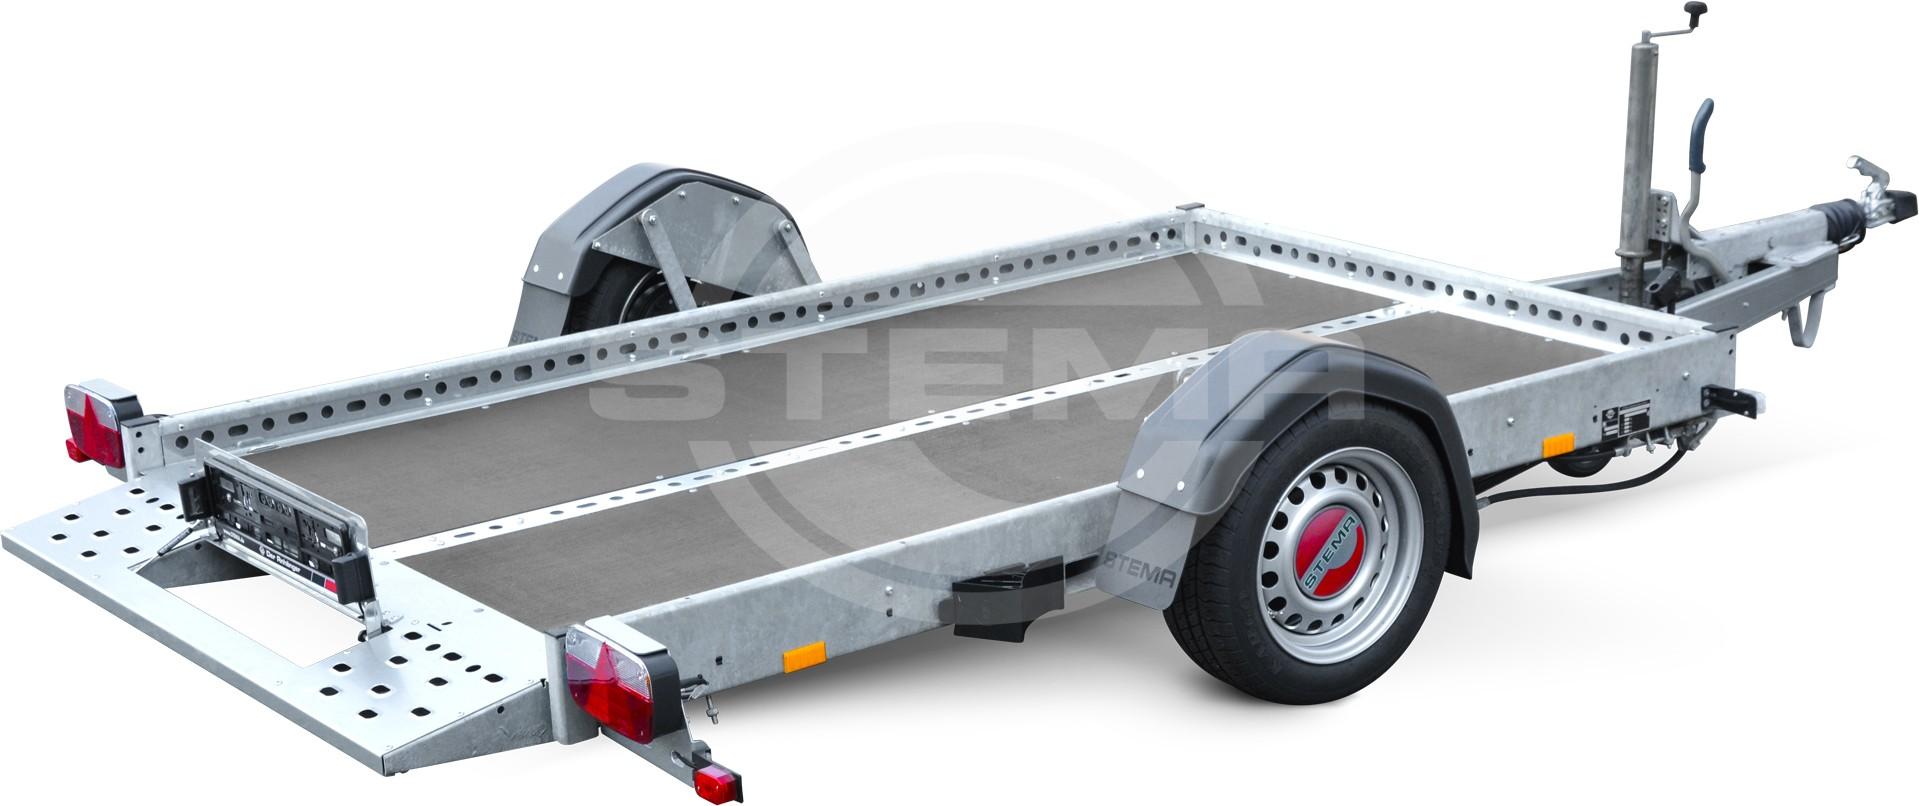 fahrzeugtransporter bendix pkw anh nger. Black Bedroom Furniture Sets. Home Design Ideas